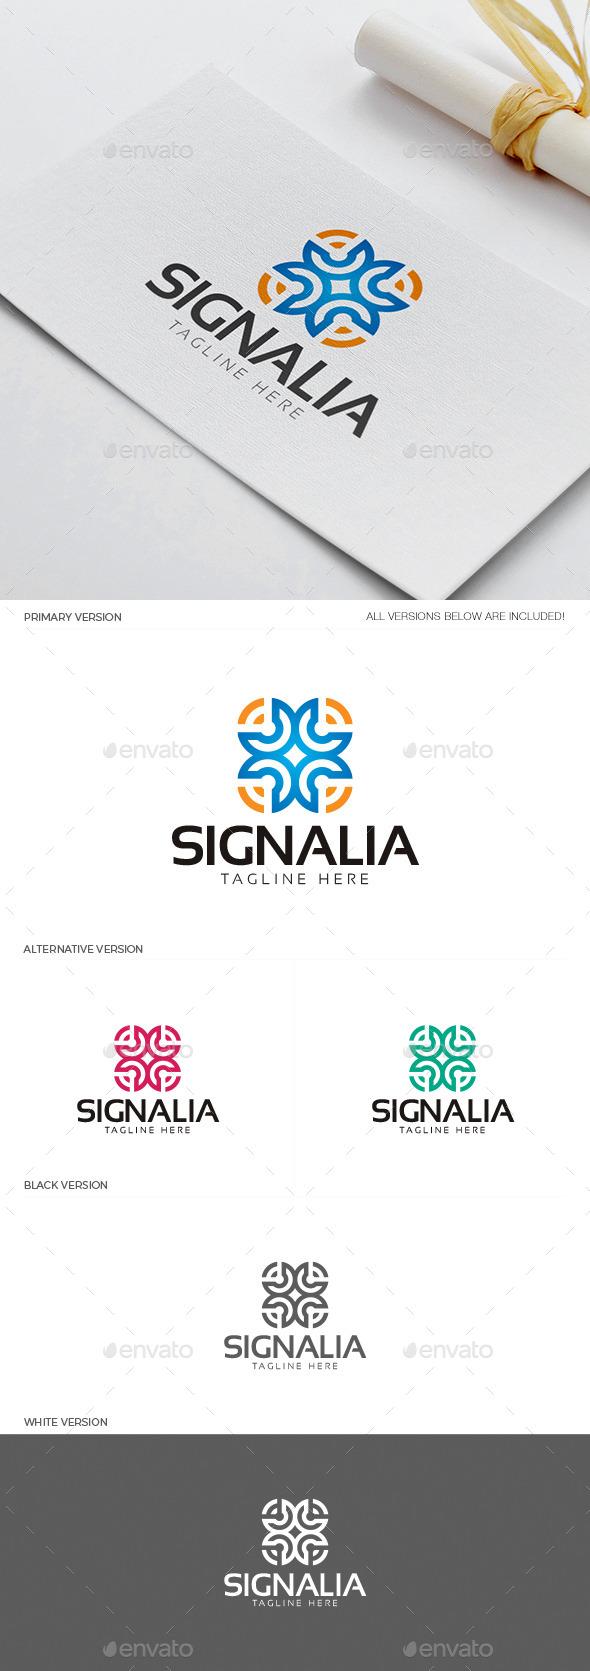 GraphicRiver Signalia Logo 11918238